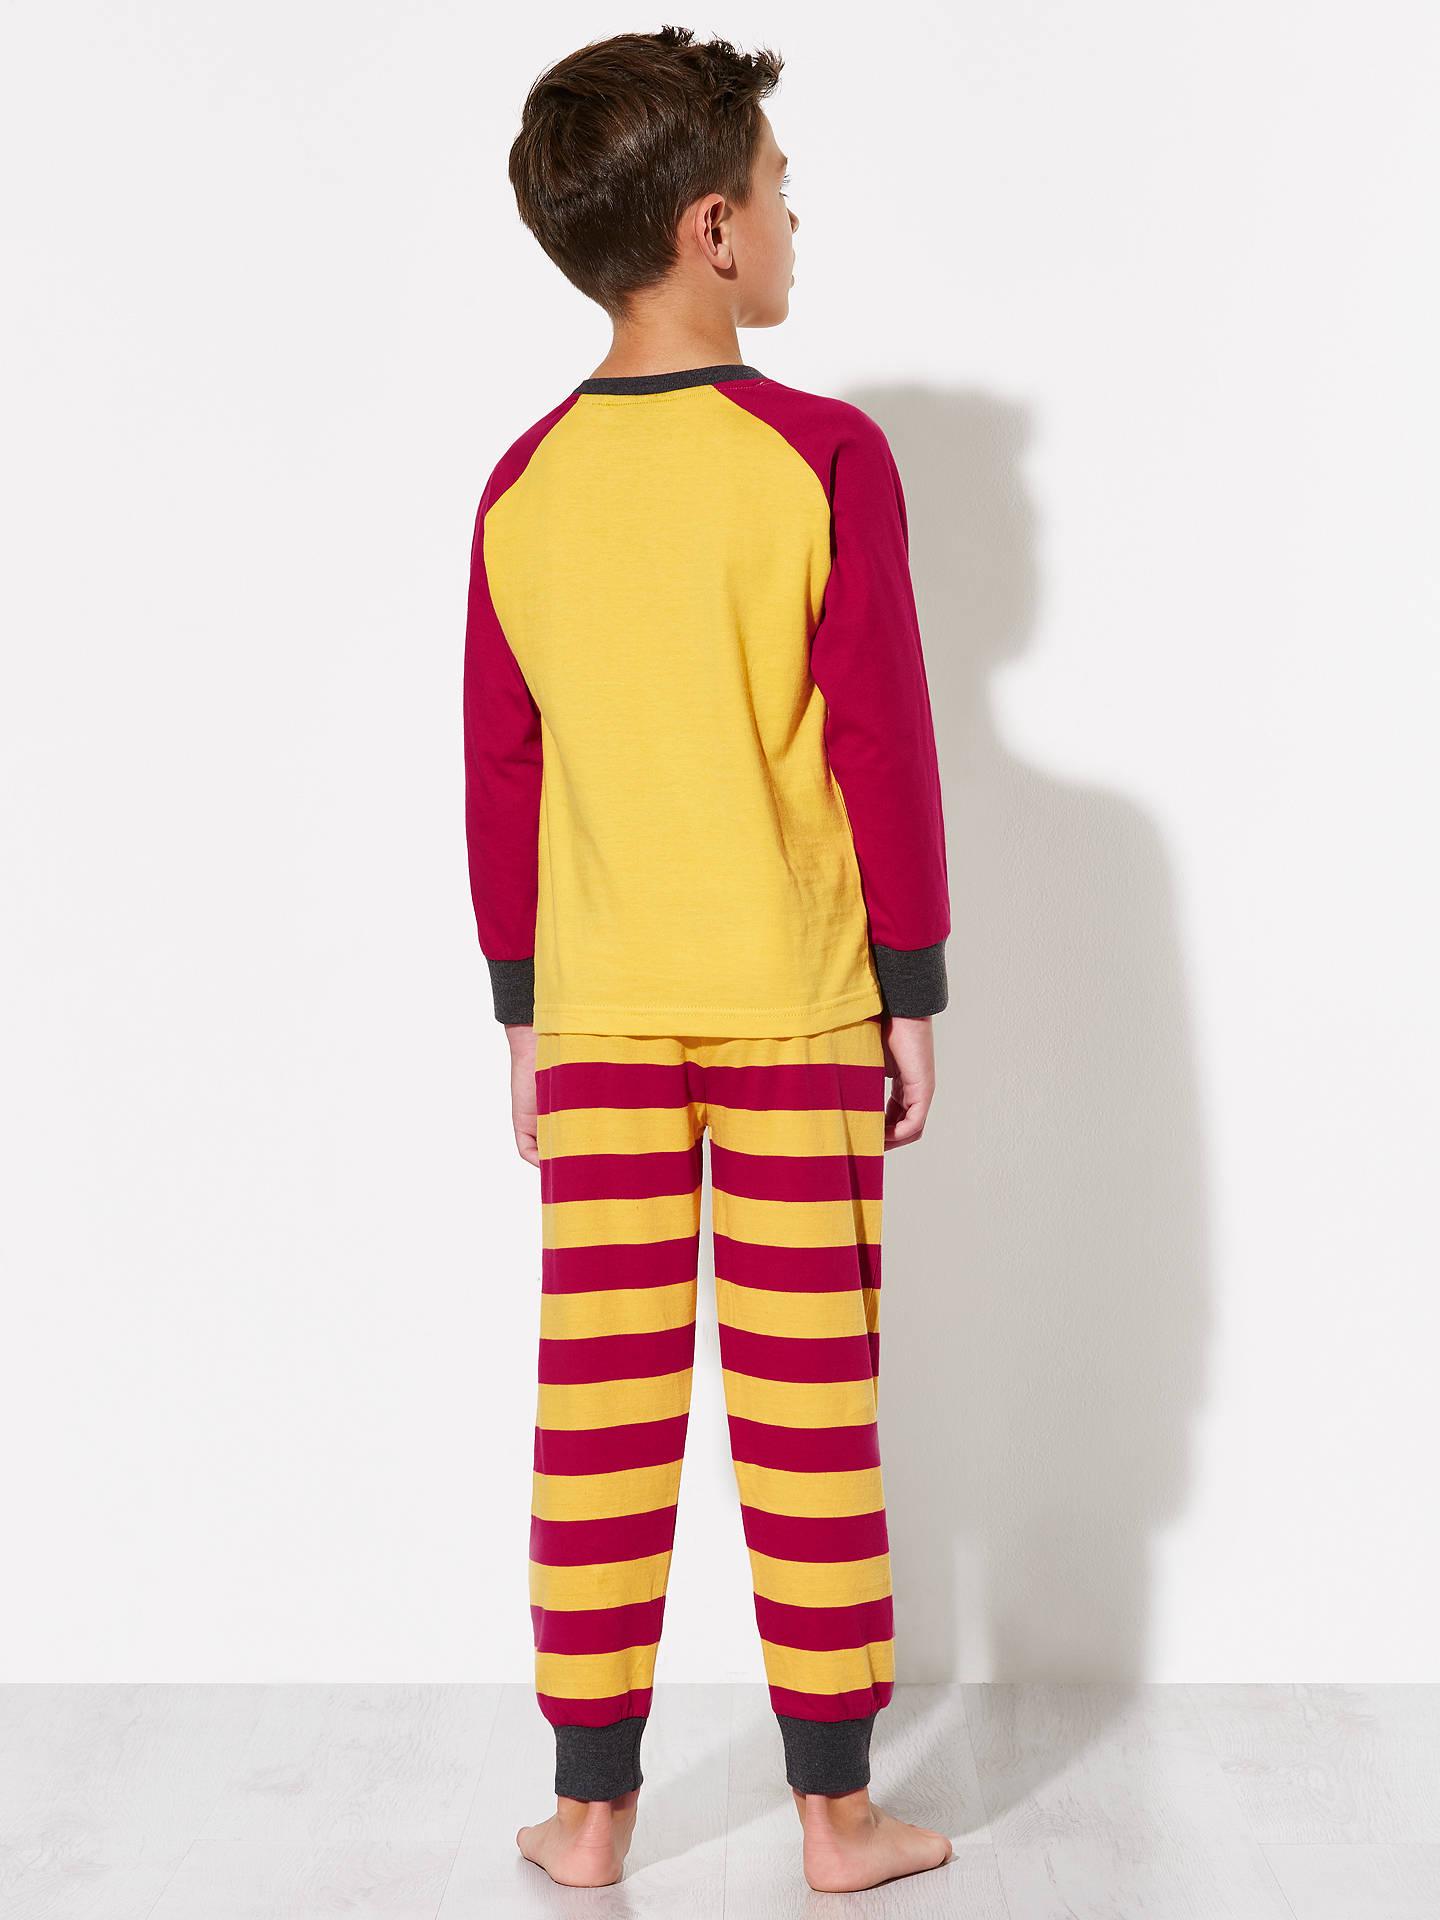 despeje ventas especiales buscar genuino Harry Potter Children's Gryffindor Pyjamas, Yellow/Red at ...